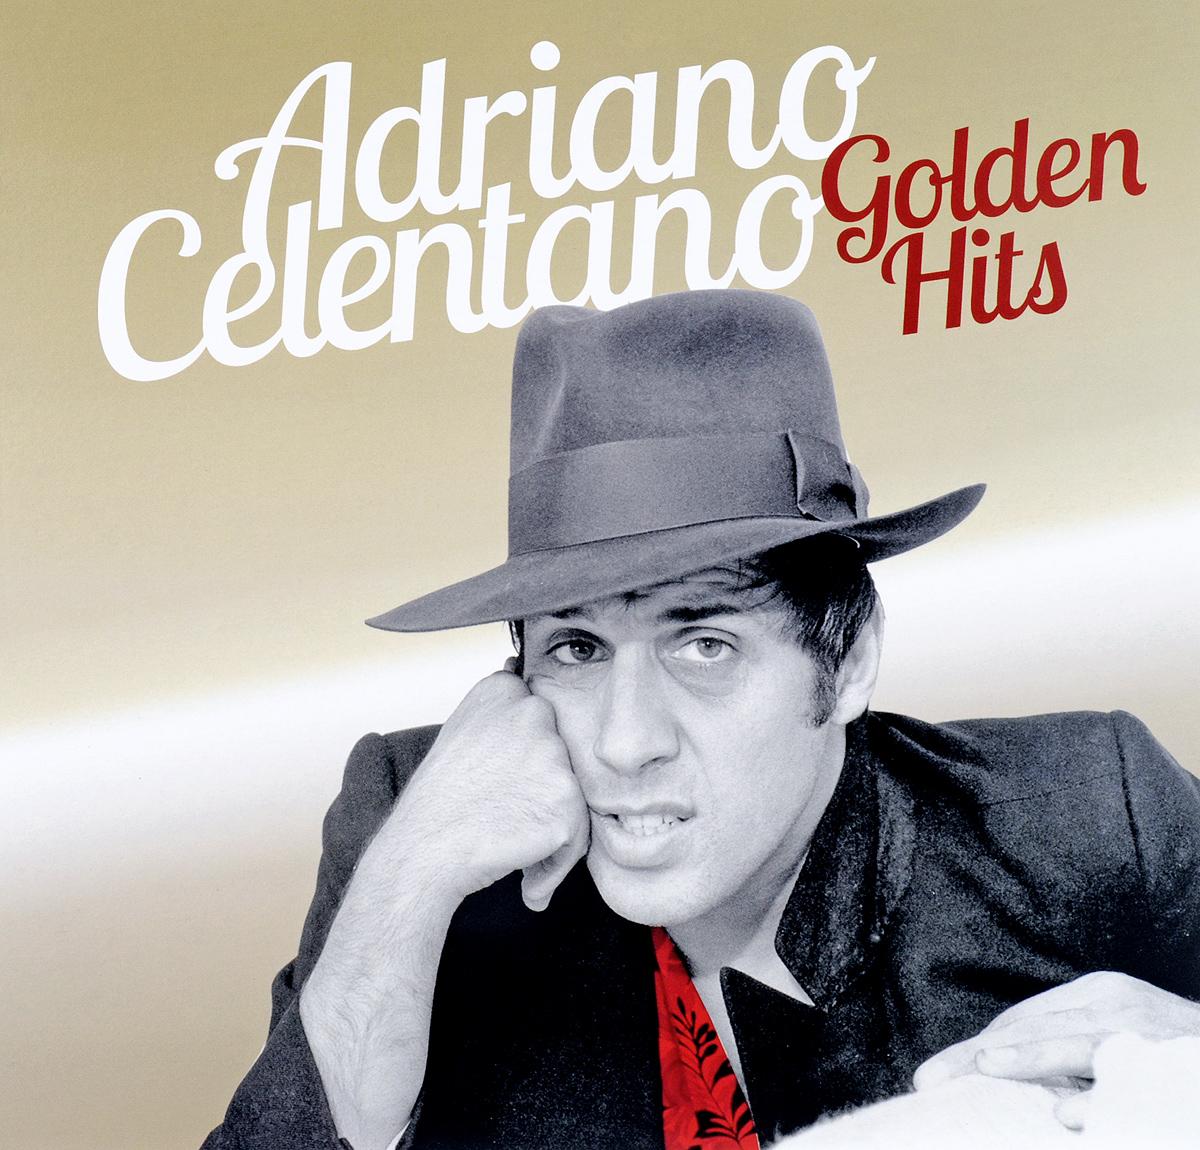 Адриано Челентано Adriano Celentano. Golden Hits (LP) adriano celentano unicamentecelentano deluxe edition 2 cd